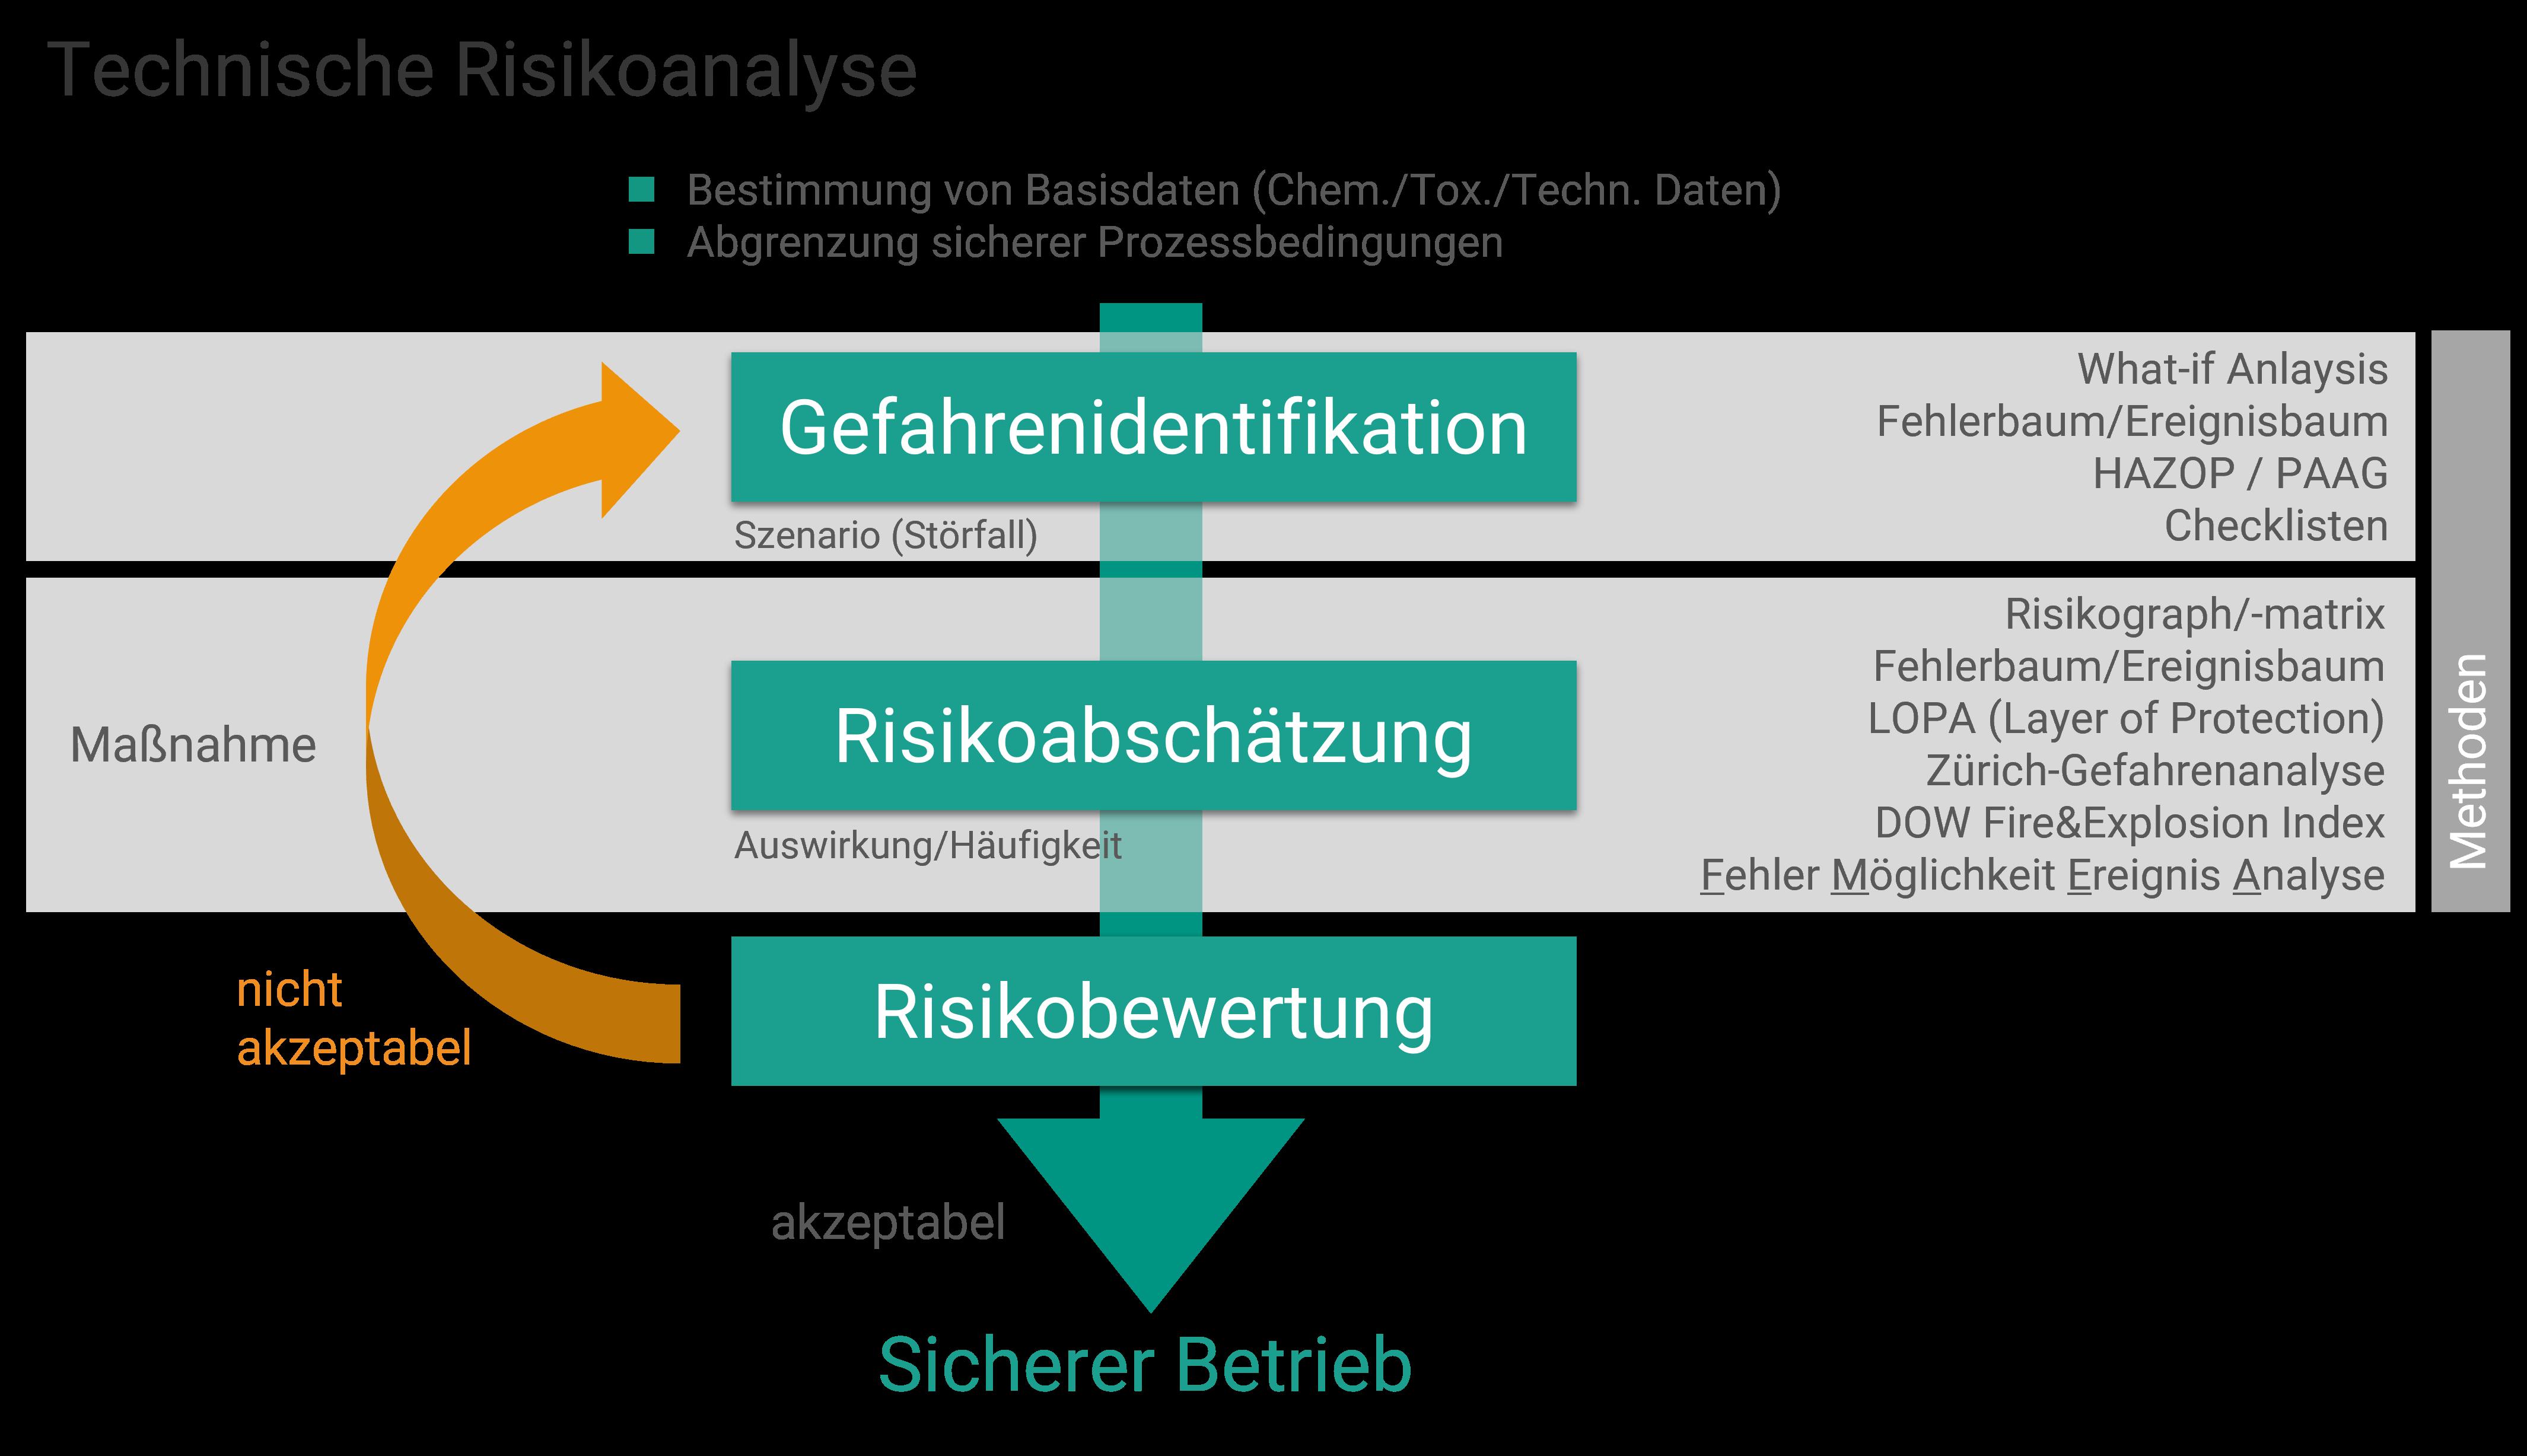 Ablauf der Risikoanalyse